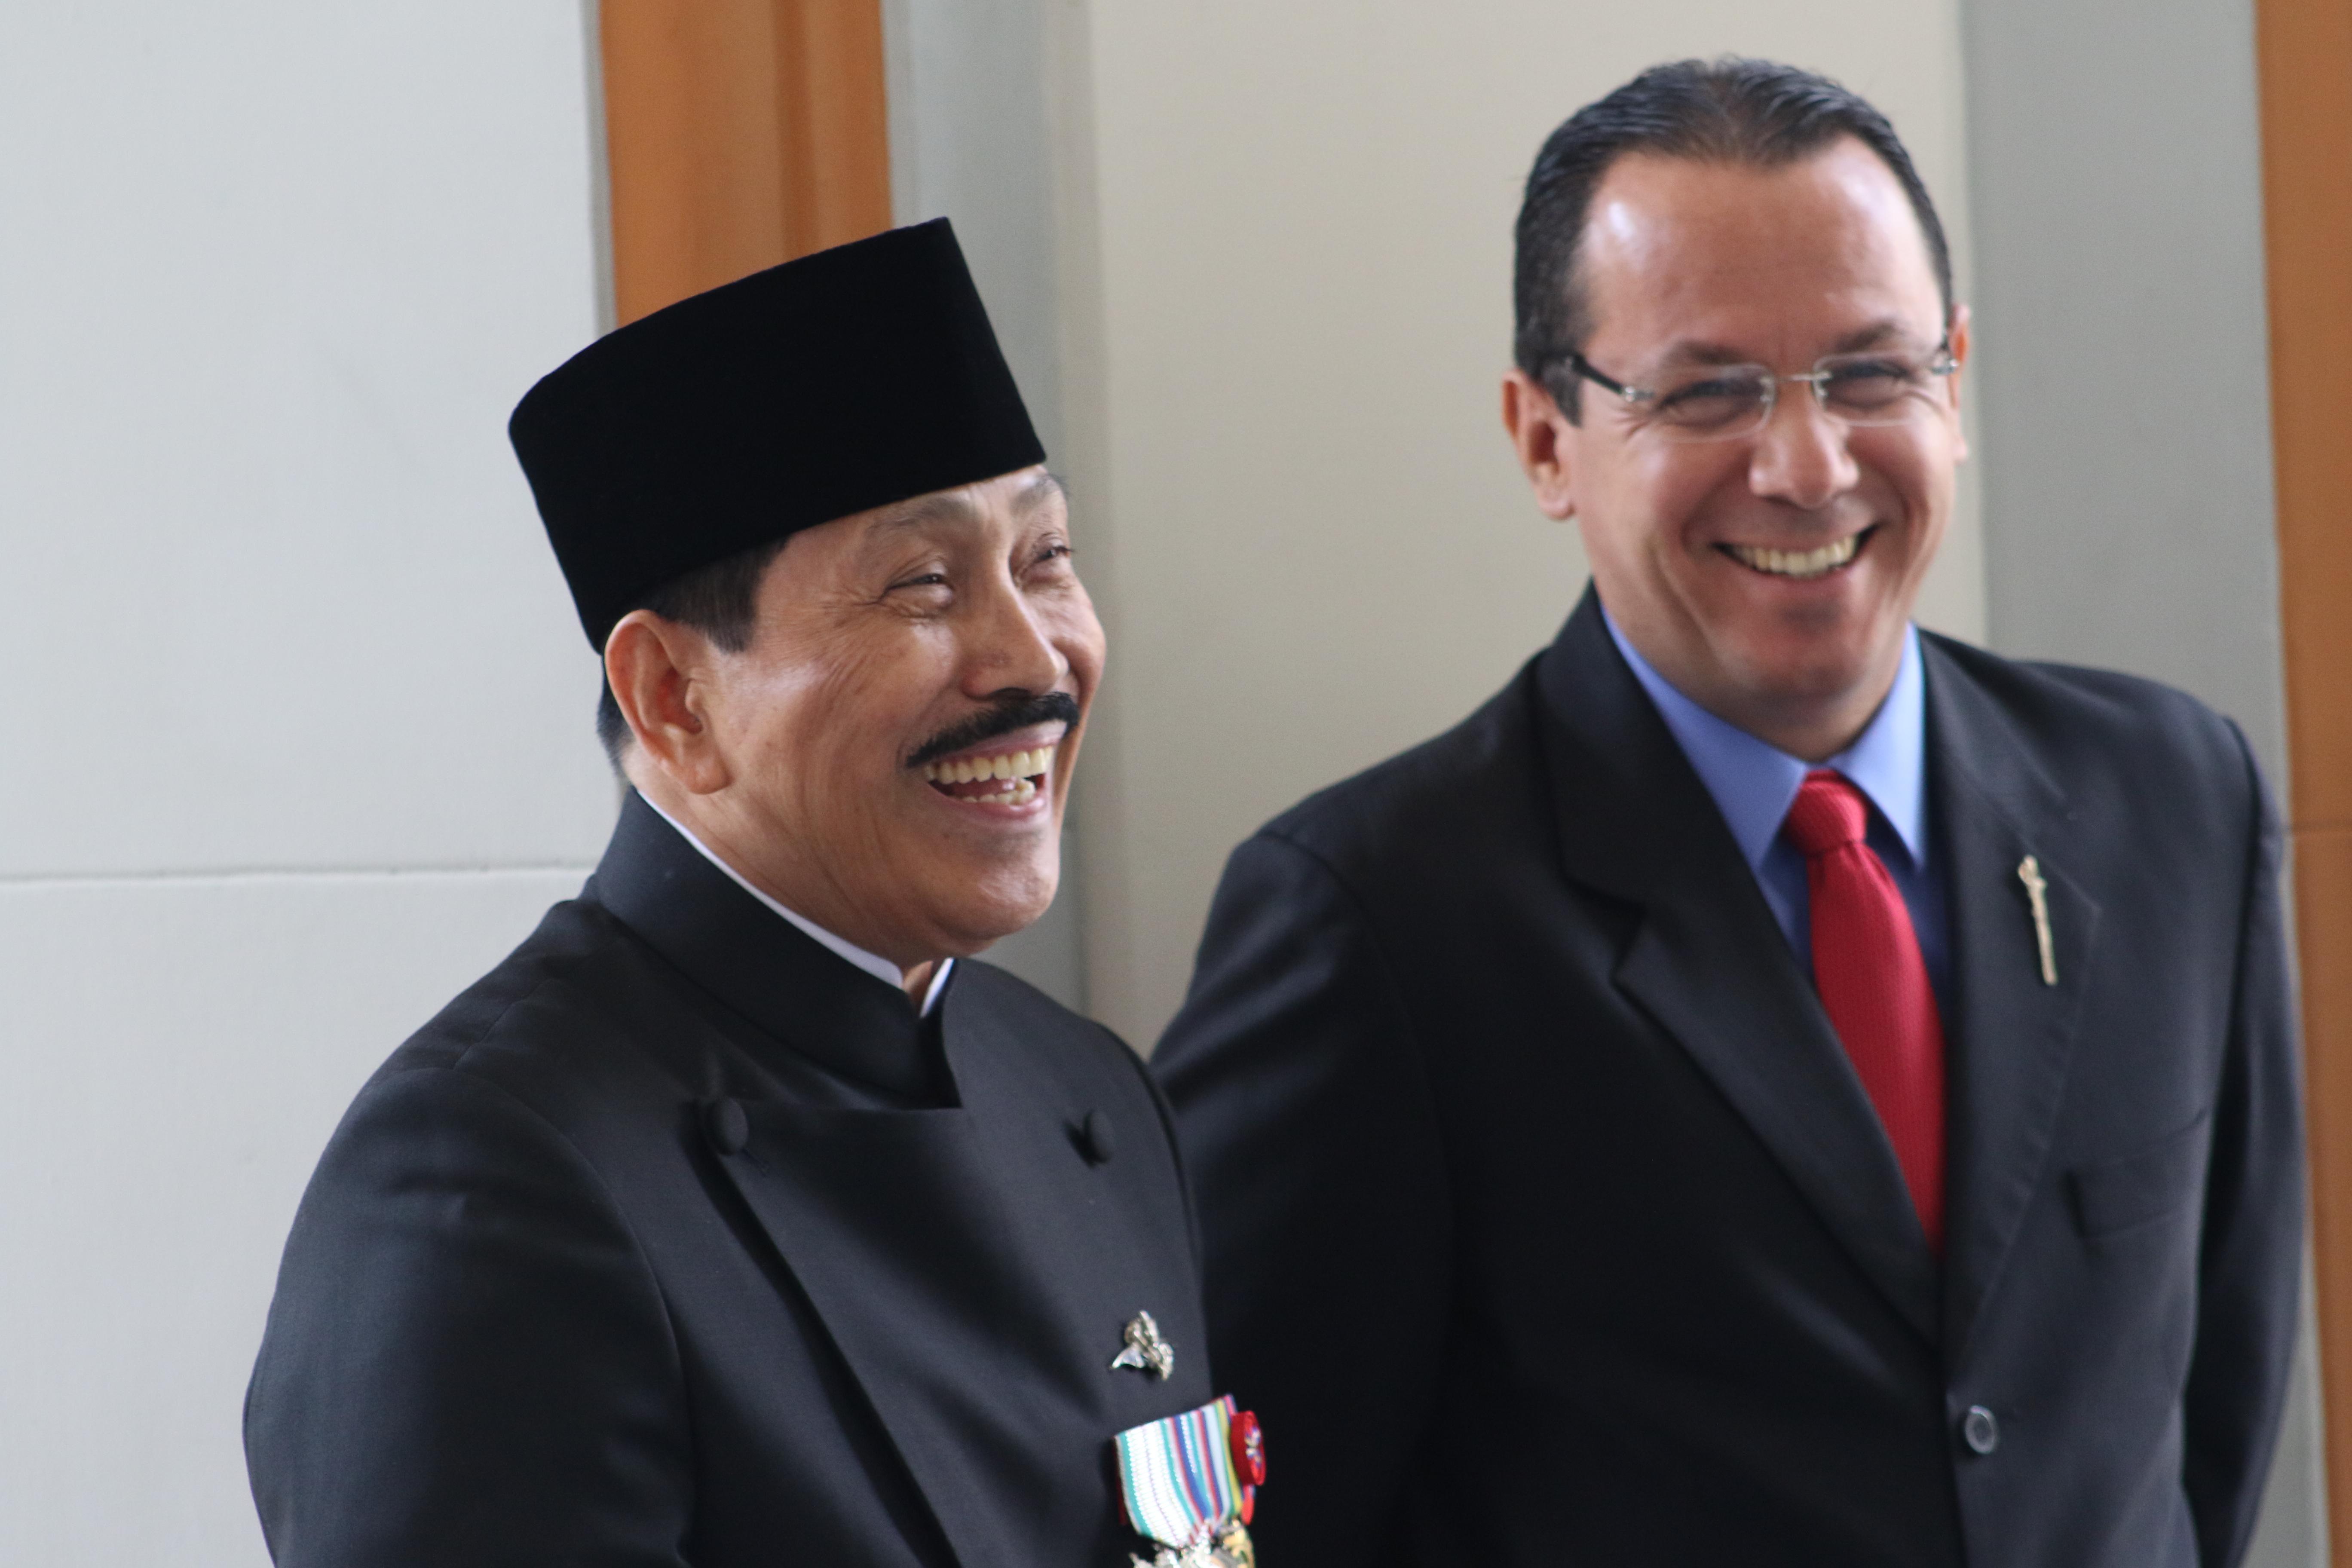 Ofrenda al Libertador por parte de la embajada de Indonesia, con motivo de los 74 años de su independencia